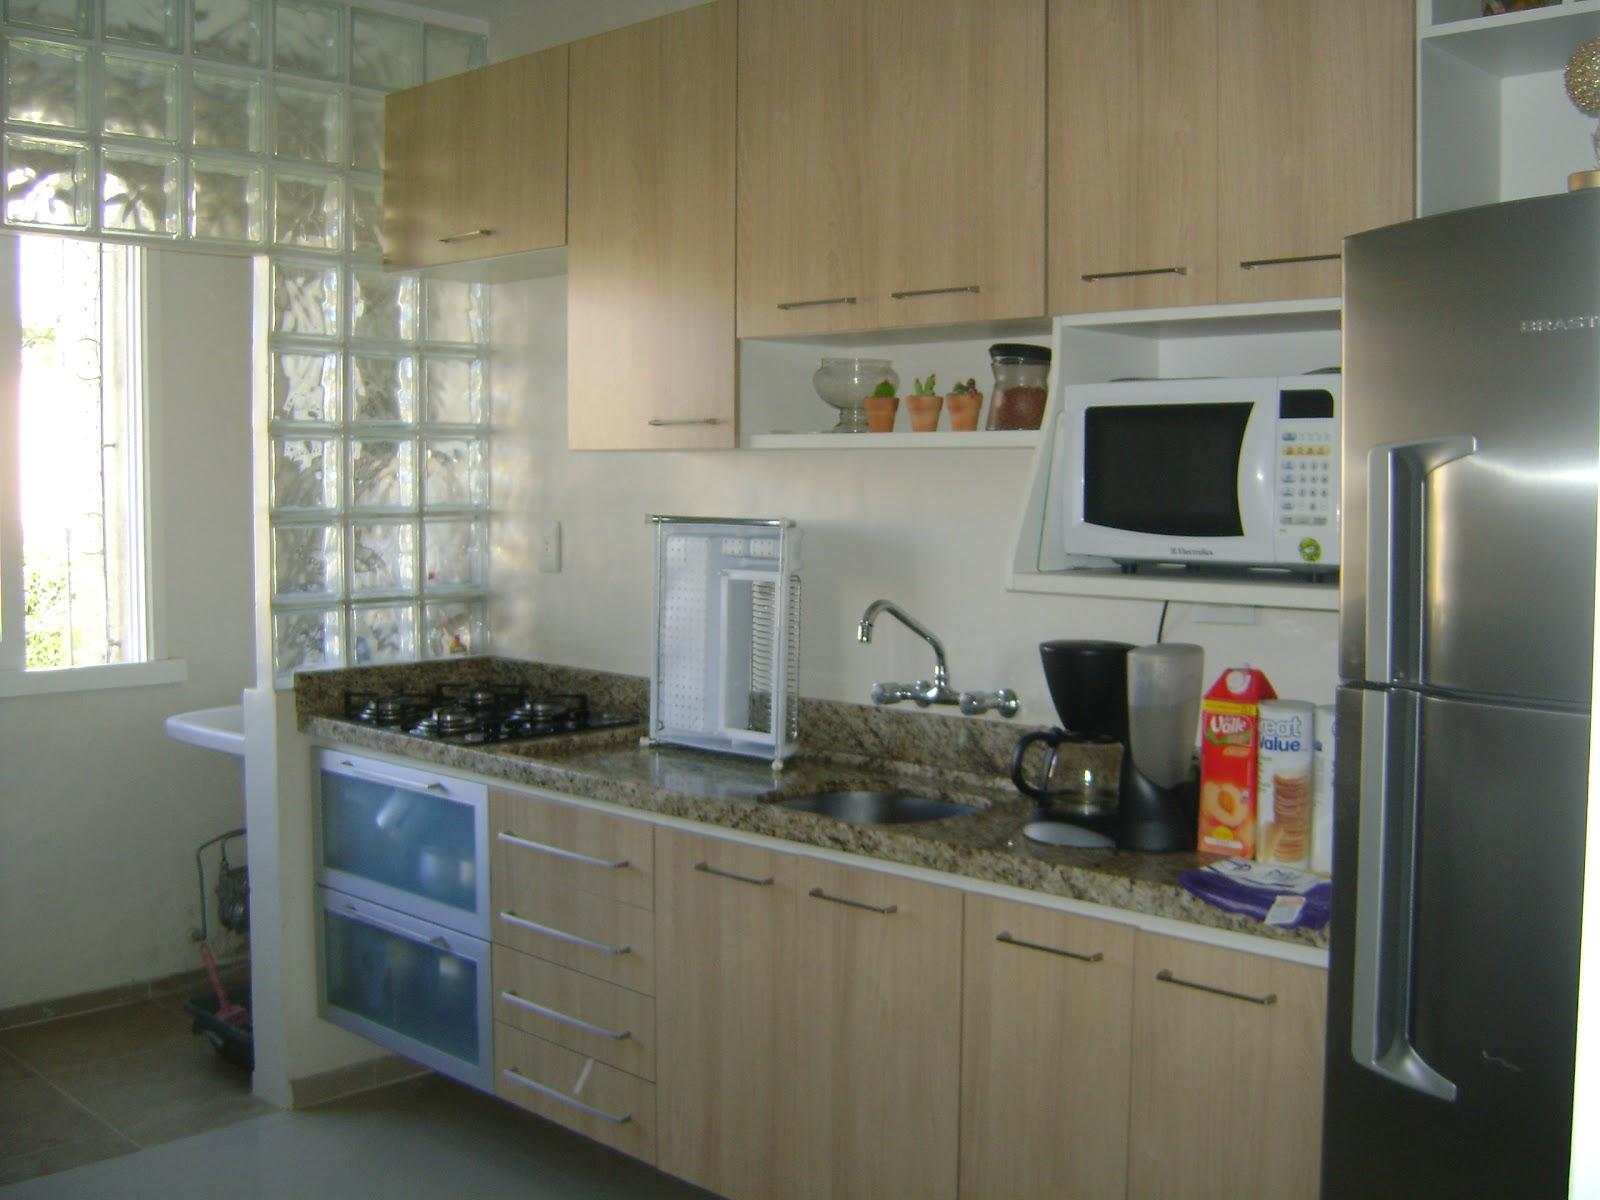 Vendo apartamento! #6F664C 1600x1200 Banheiro Com Tijolo De Vidro No Box